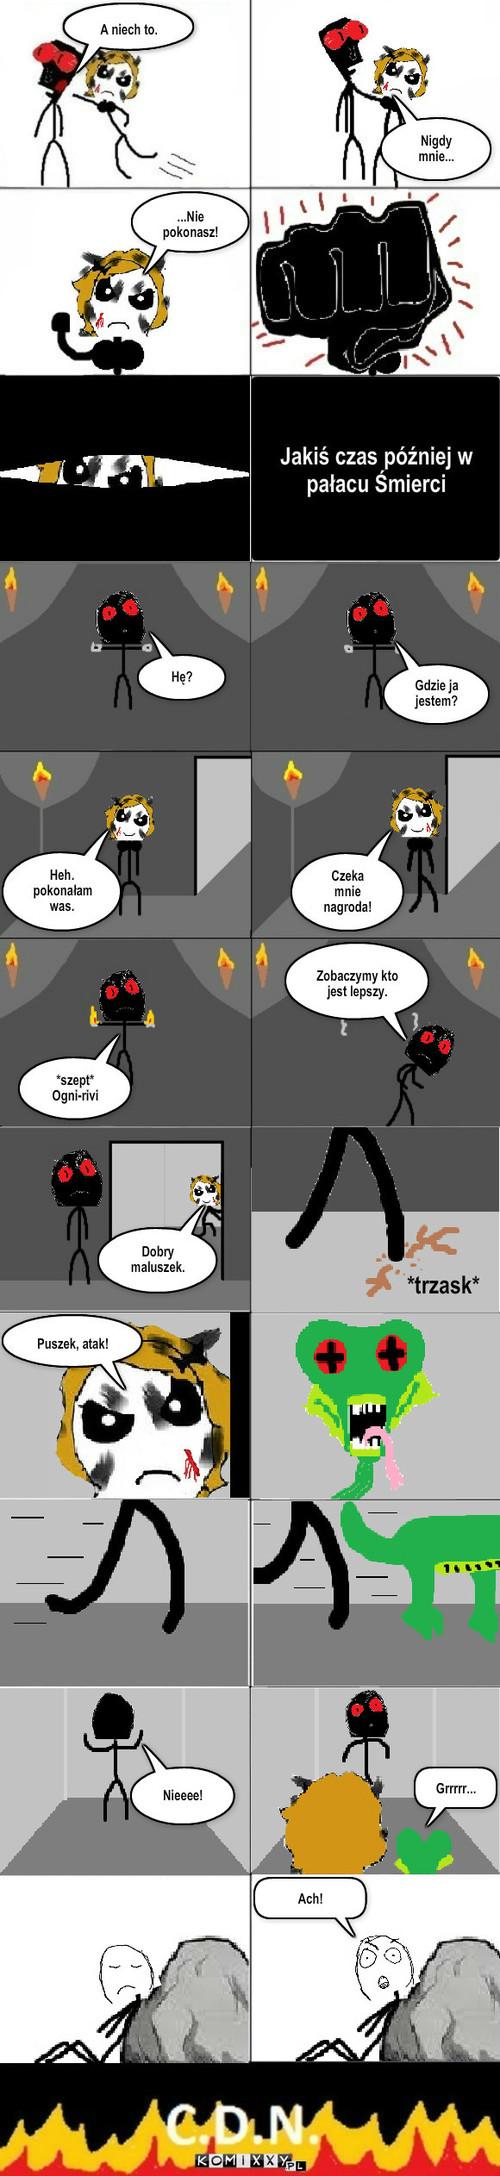 Świat Saggaru s2 #5 – Nieeee! Grrrrr... Ach!